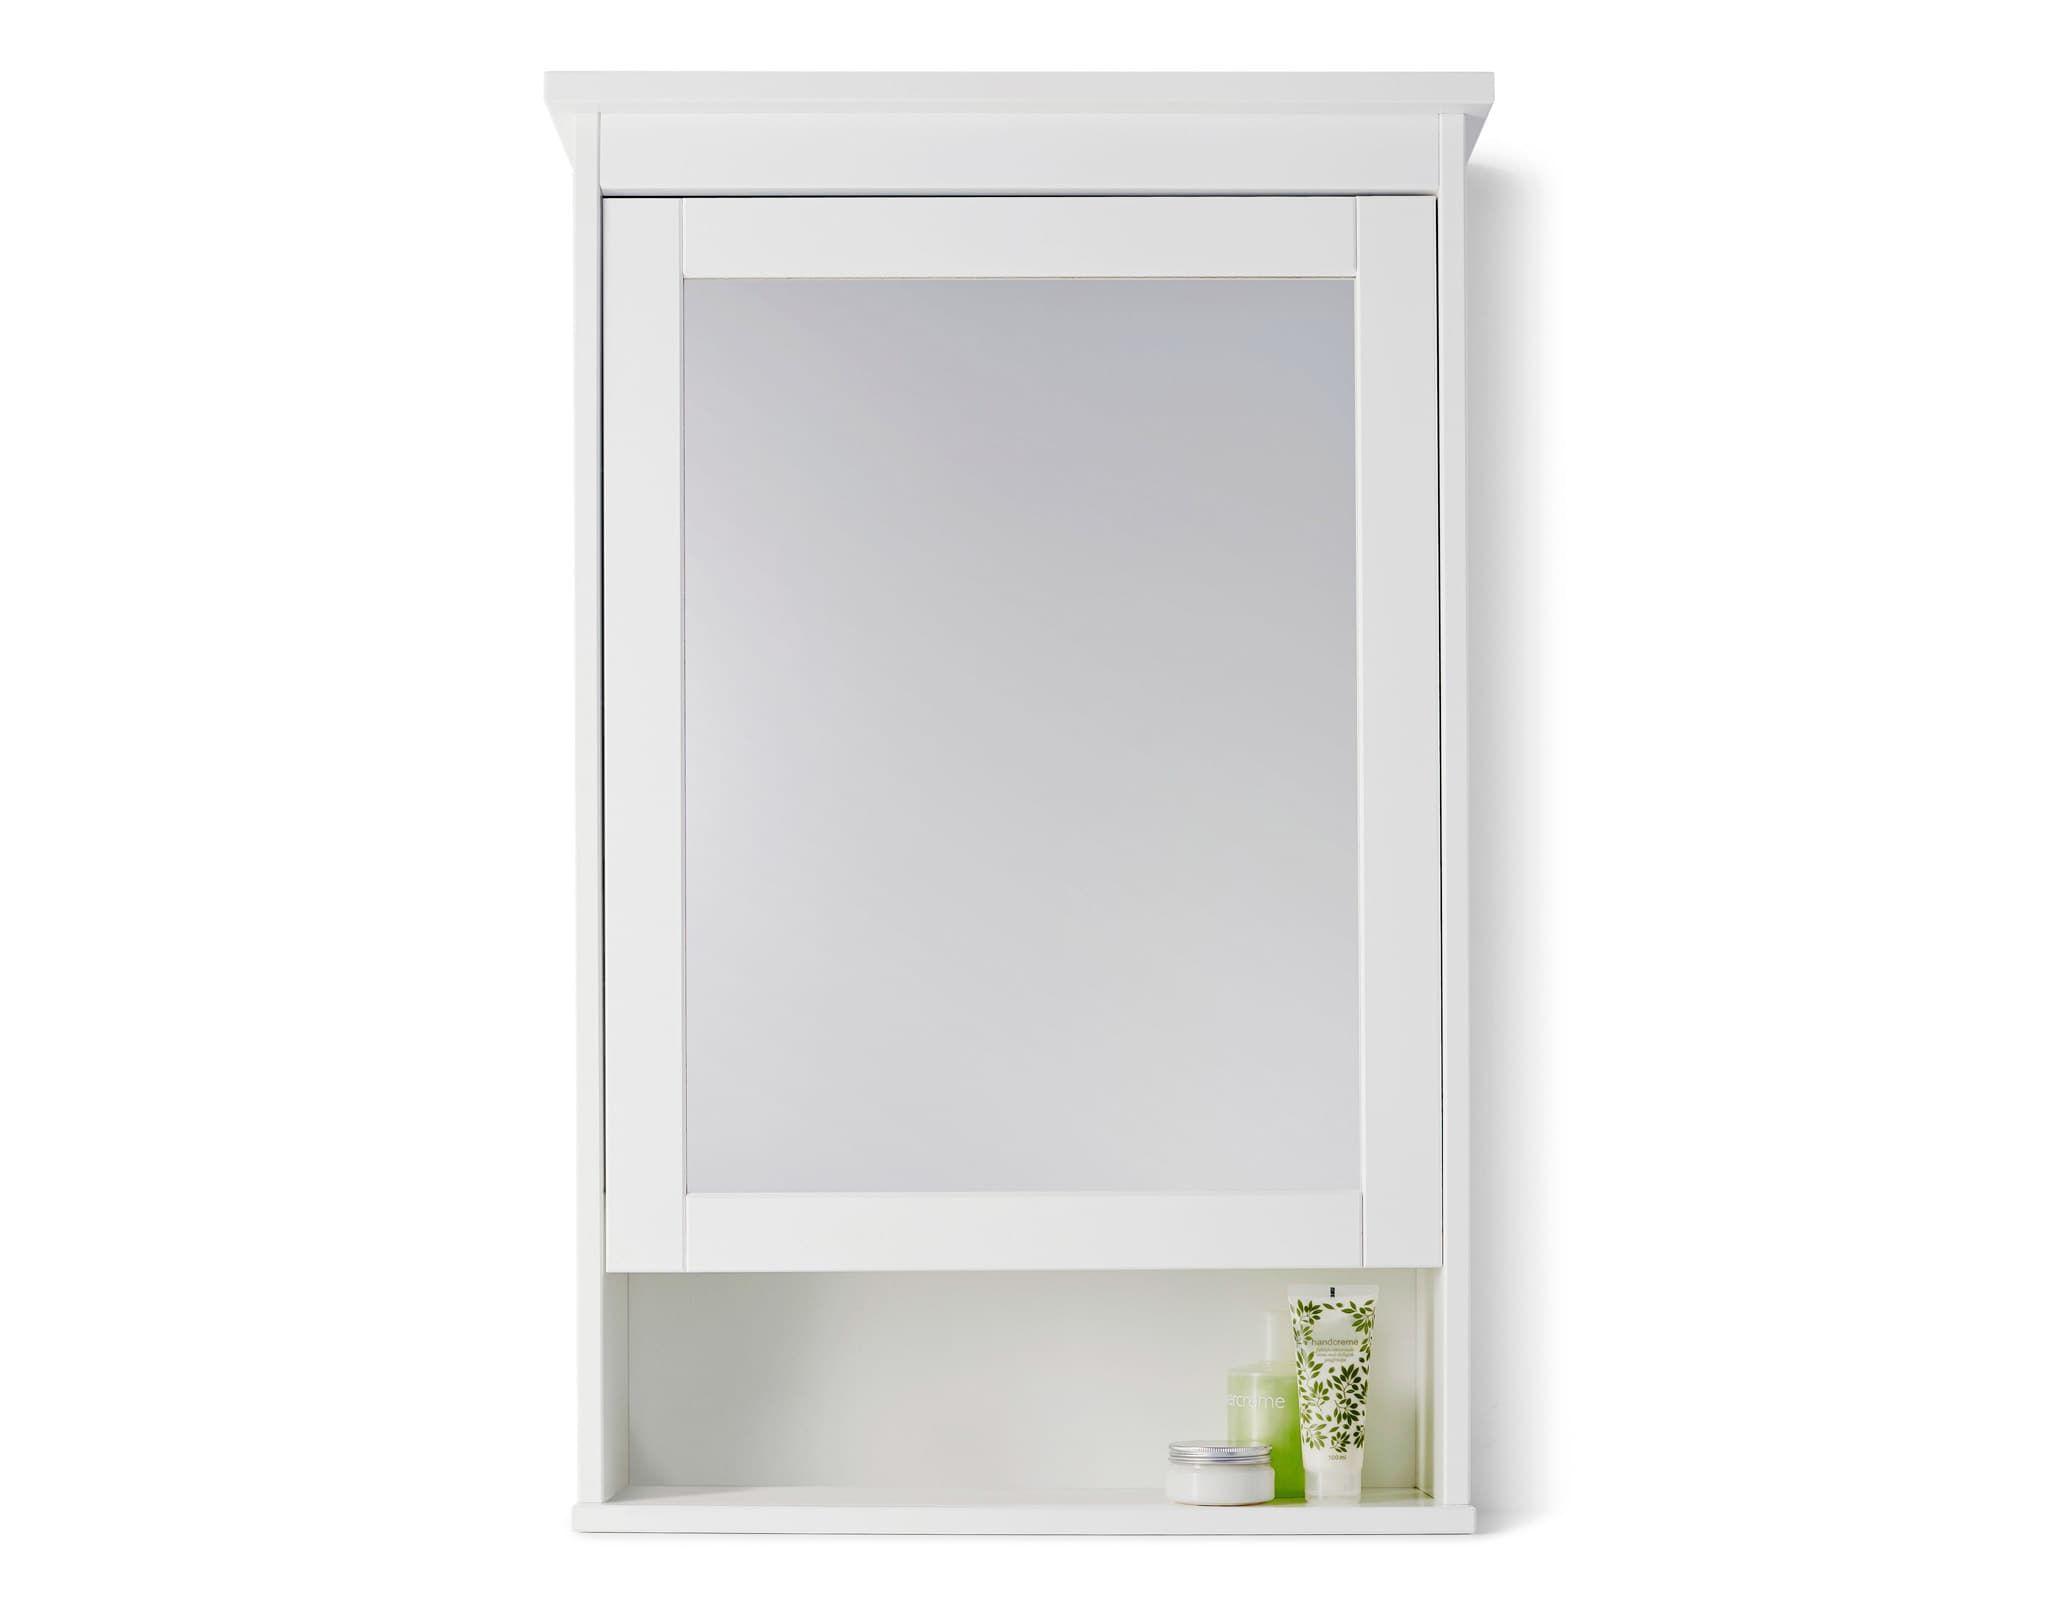 Spiegelschrank Badezimmer Spiegelschrank Bad Muster In Den Mobeln Sind Immer Flussig Und Auch Verandern Badspiegel Mit Regal Badezimmer Badezimmerspiegel